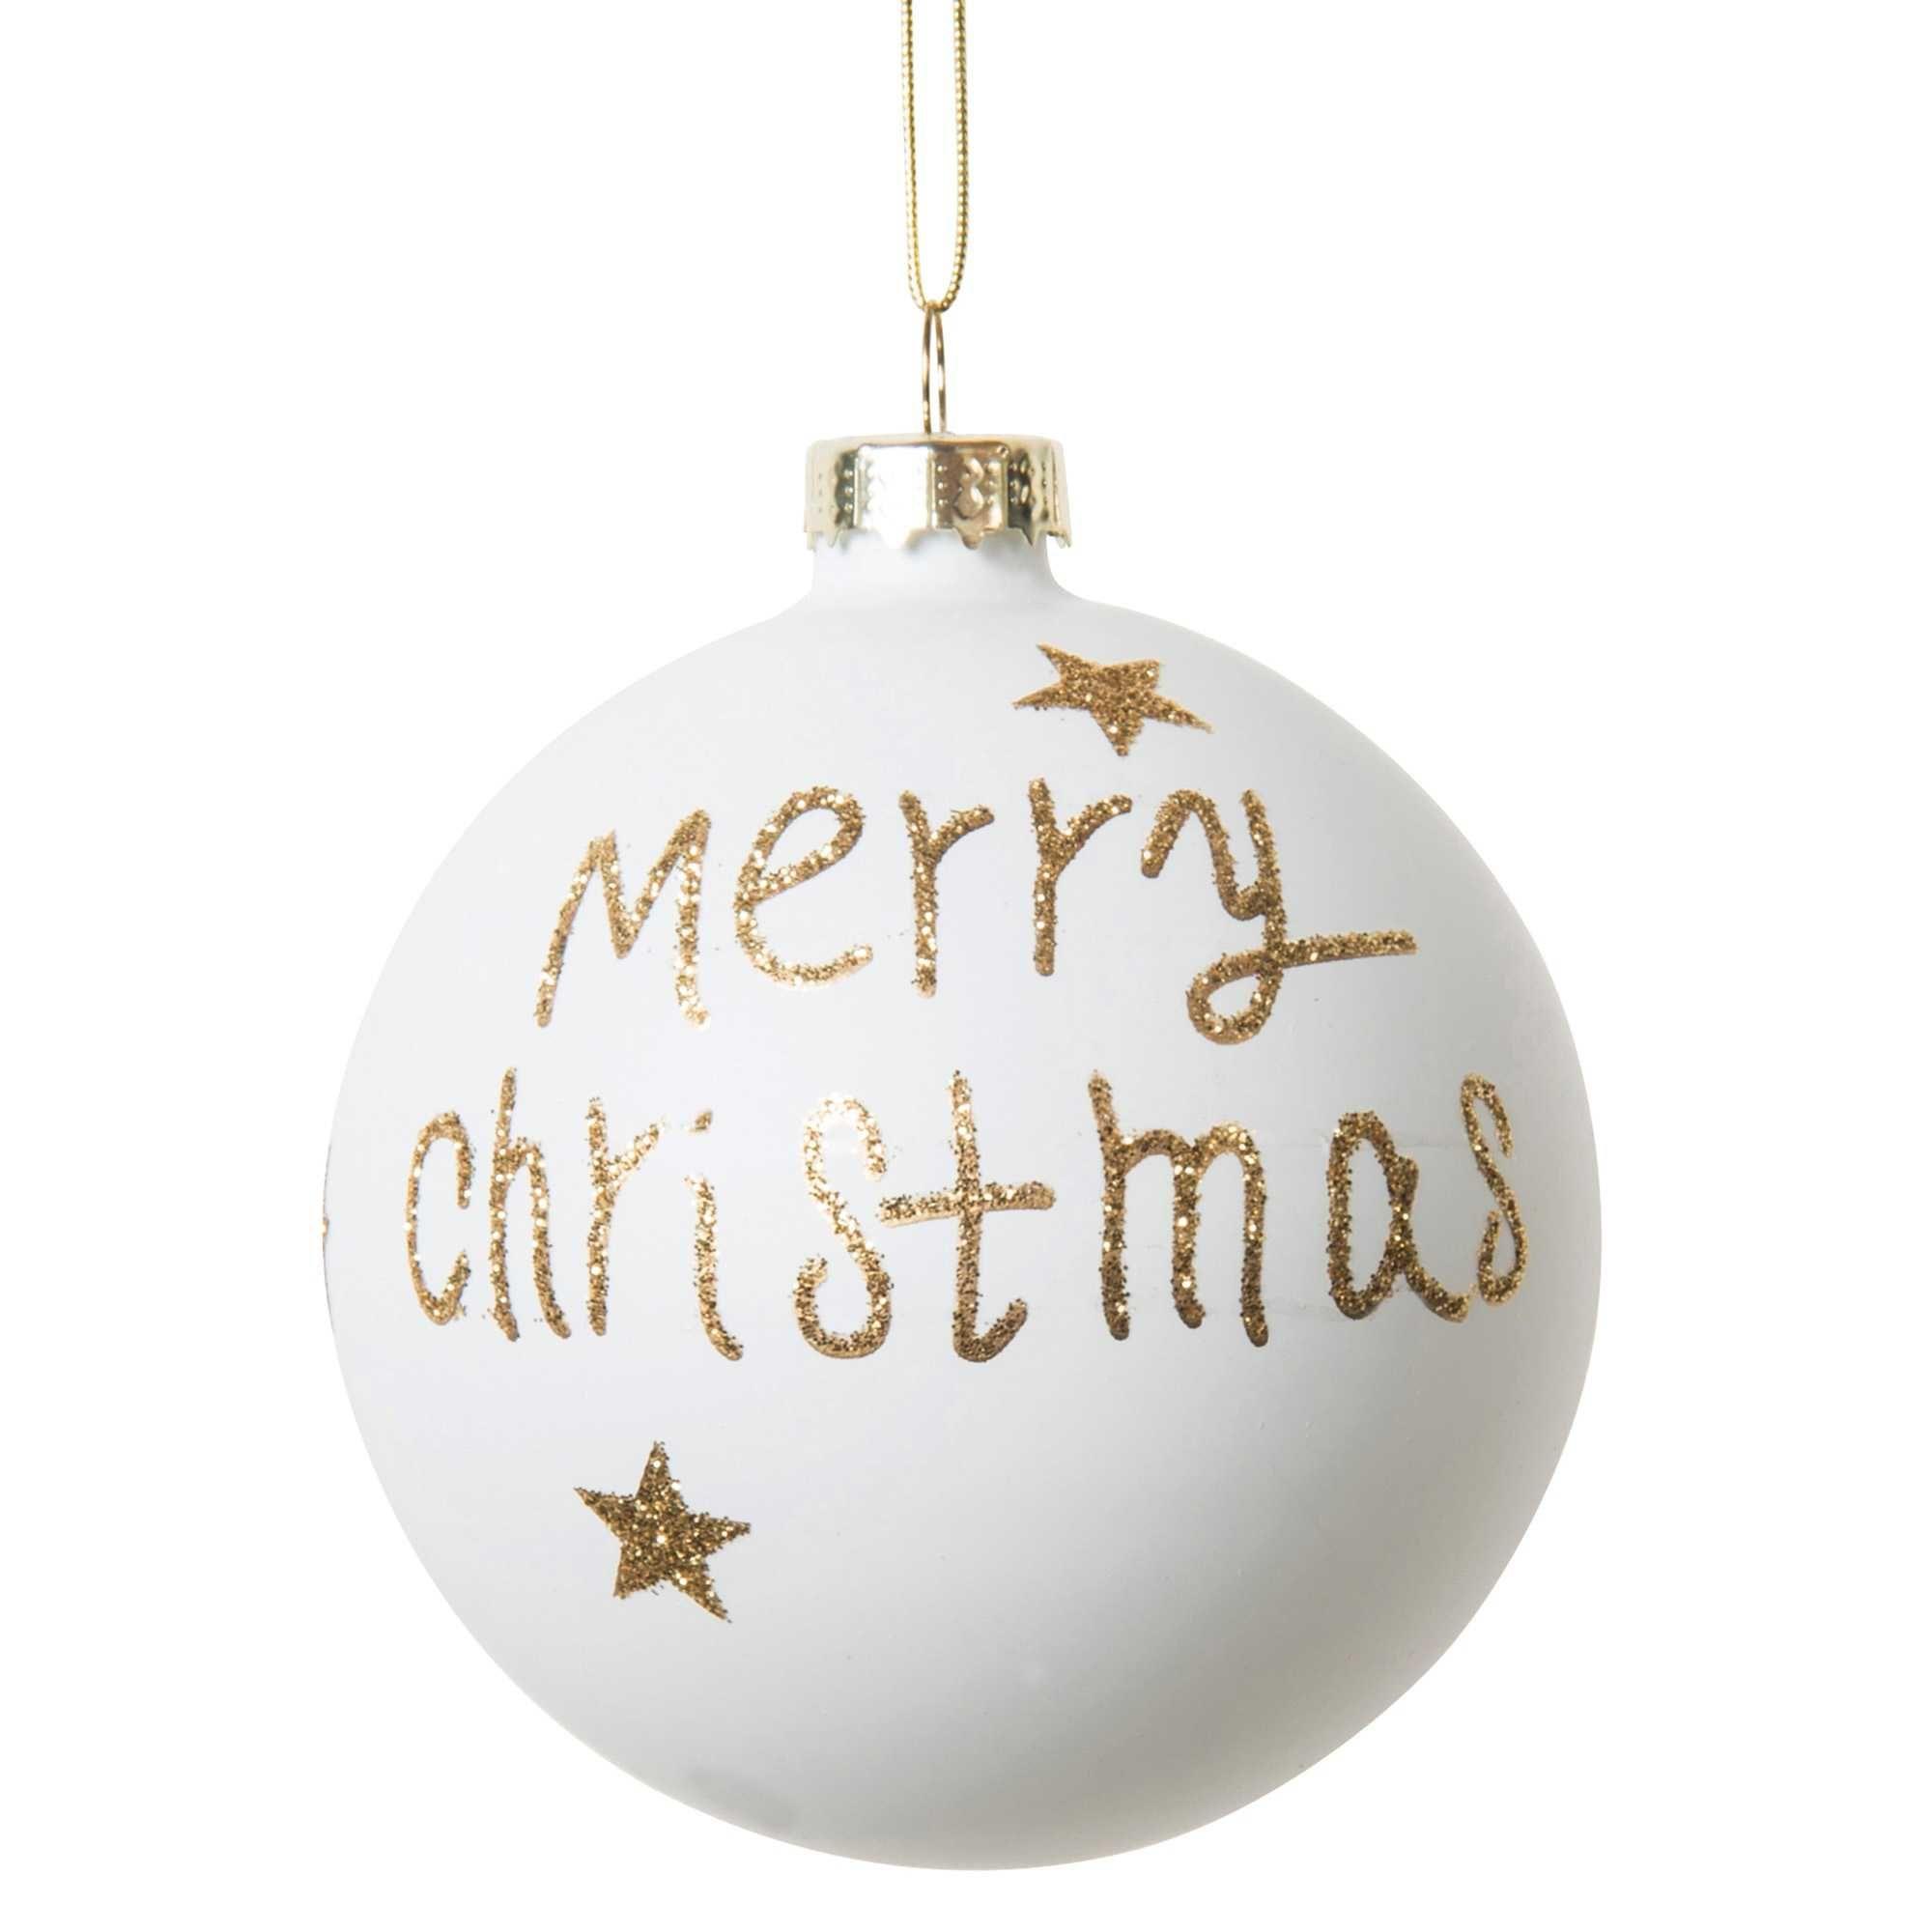 boule de no l blanche dor e en verre 8 cm merry glitter vendu par 6 christmas pinterest. Black Bedroom Furniture Sets. Home Design Ideas